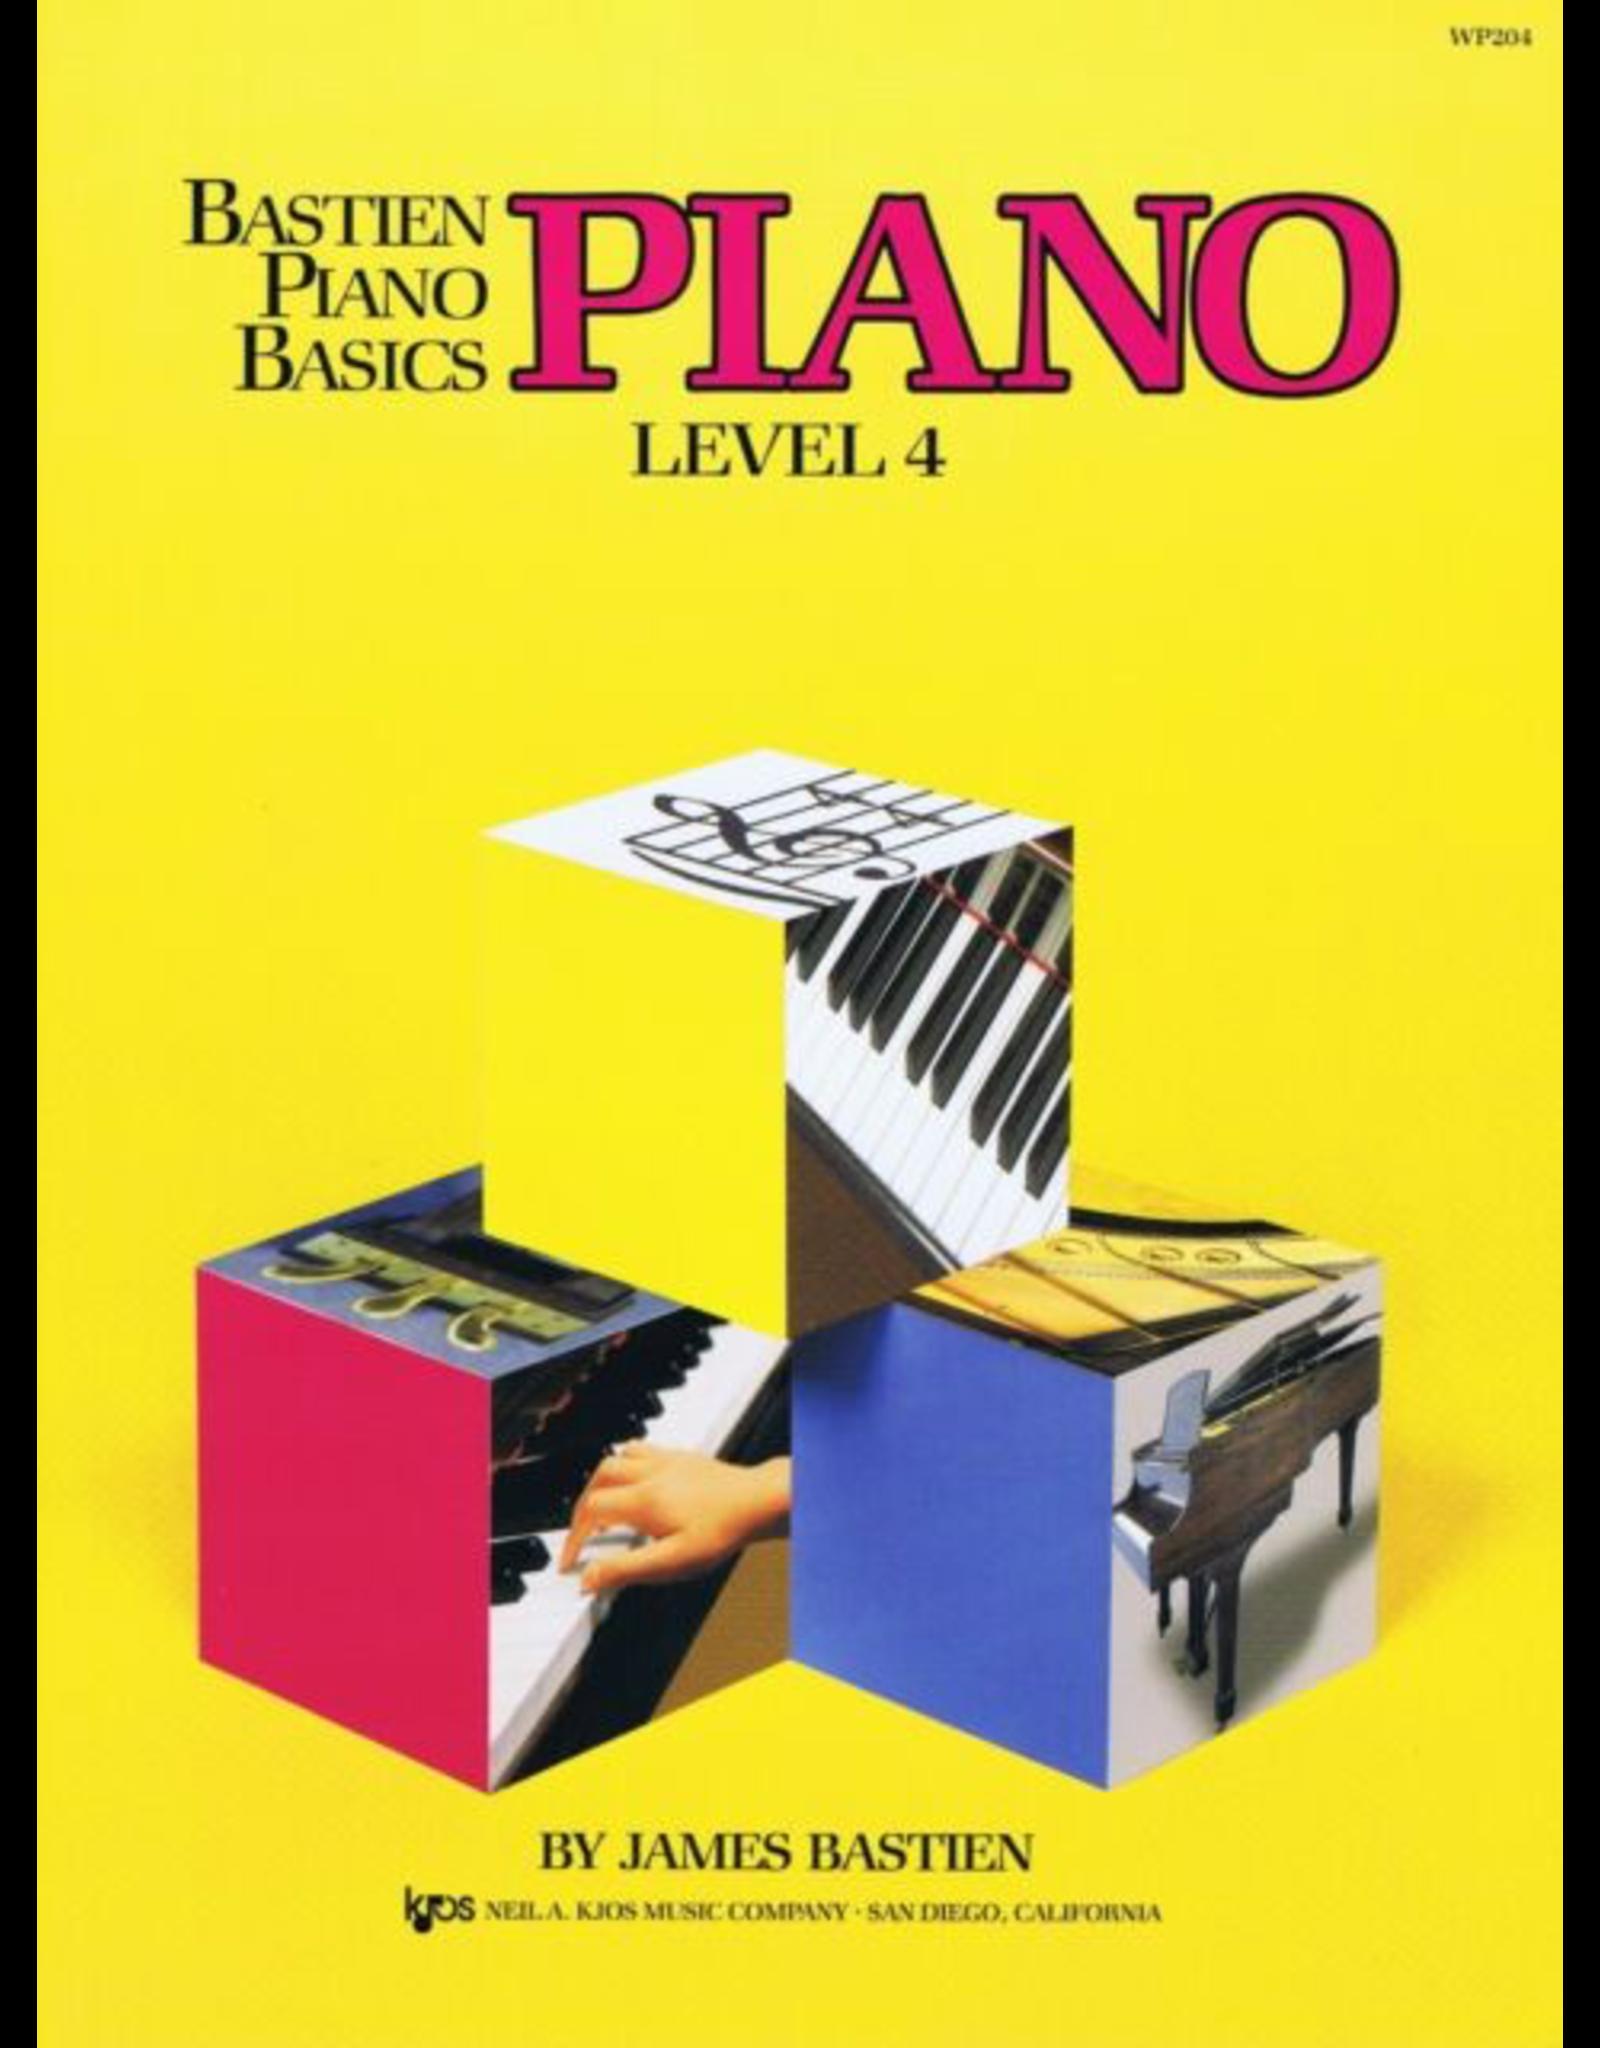 Kjos Bastien Piano Basics Piano Level 4 *